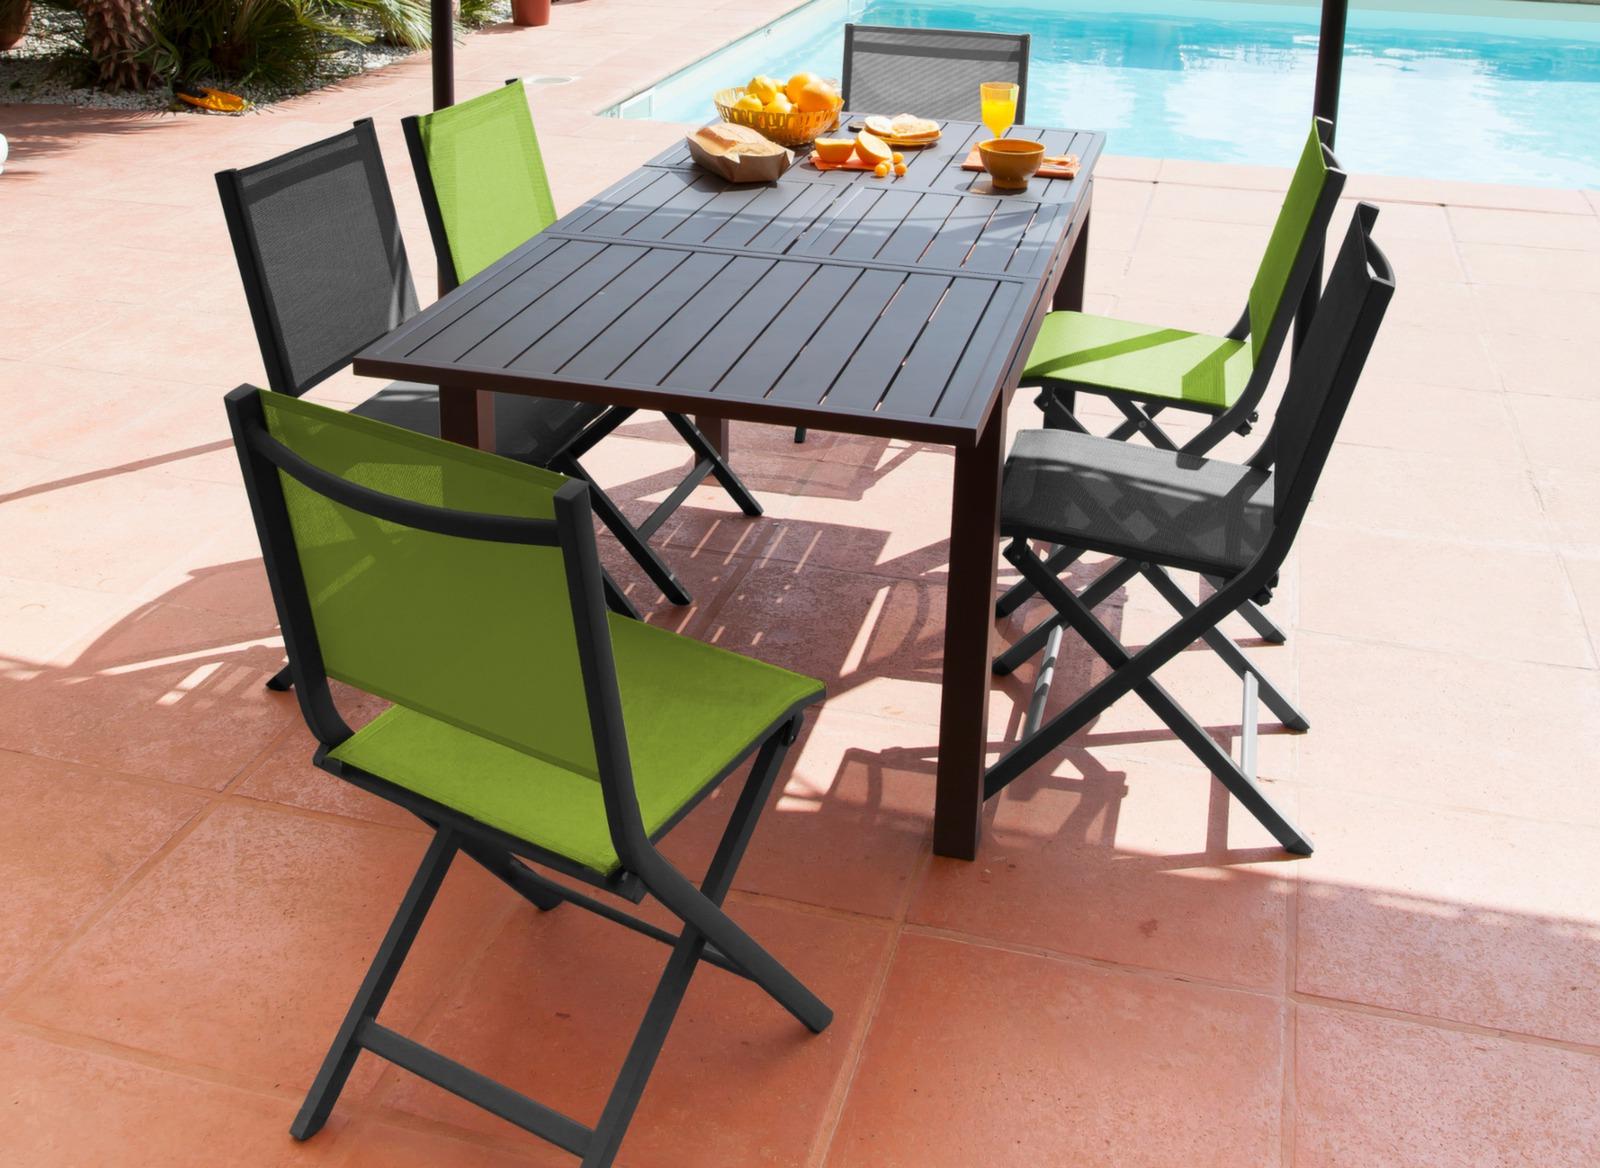 Salon de jardin aluminium, table et 6 chaises pliantes - Proloisirs